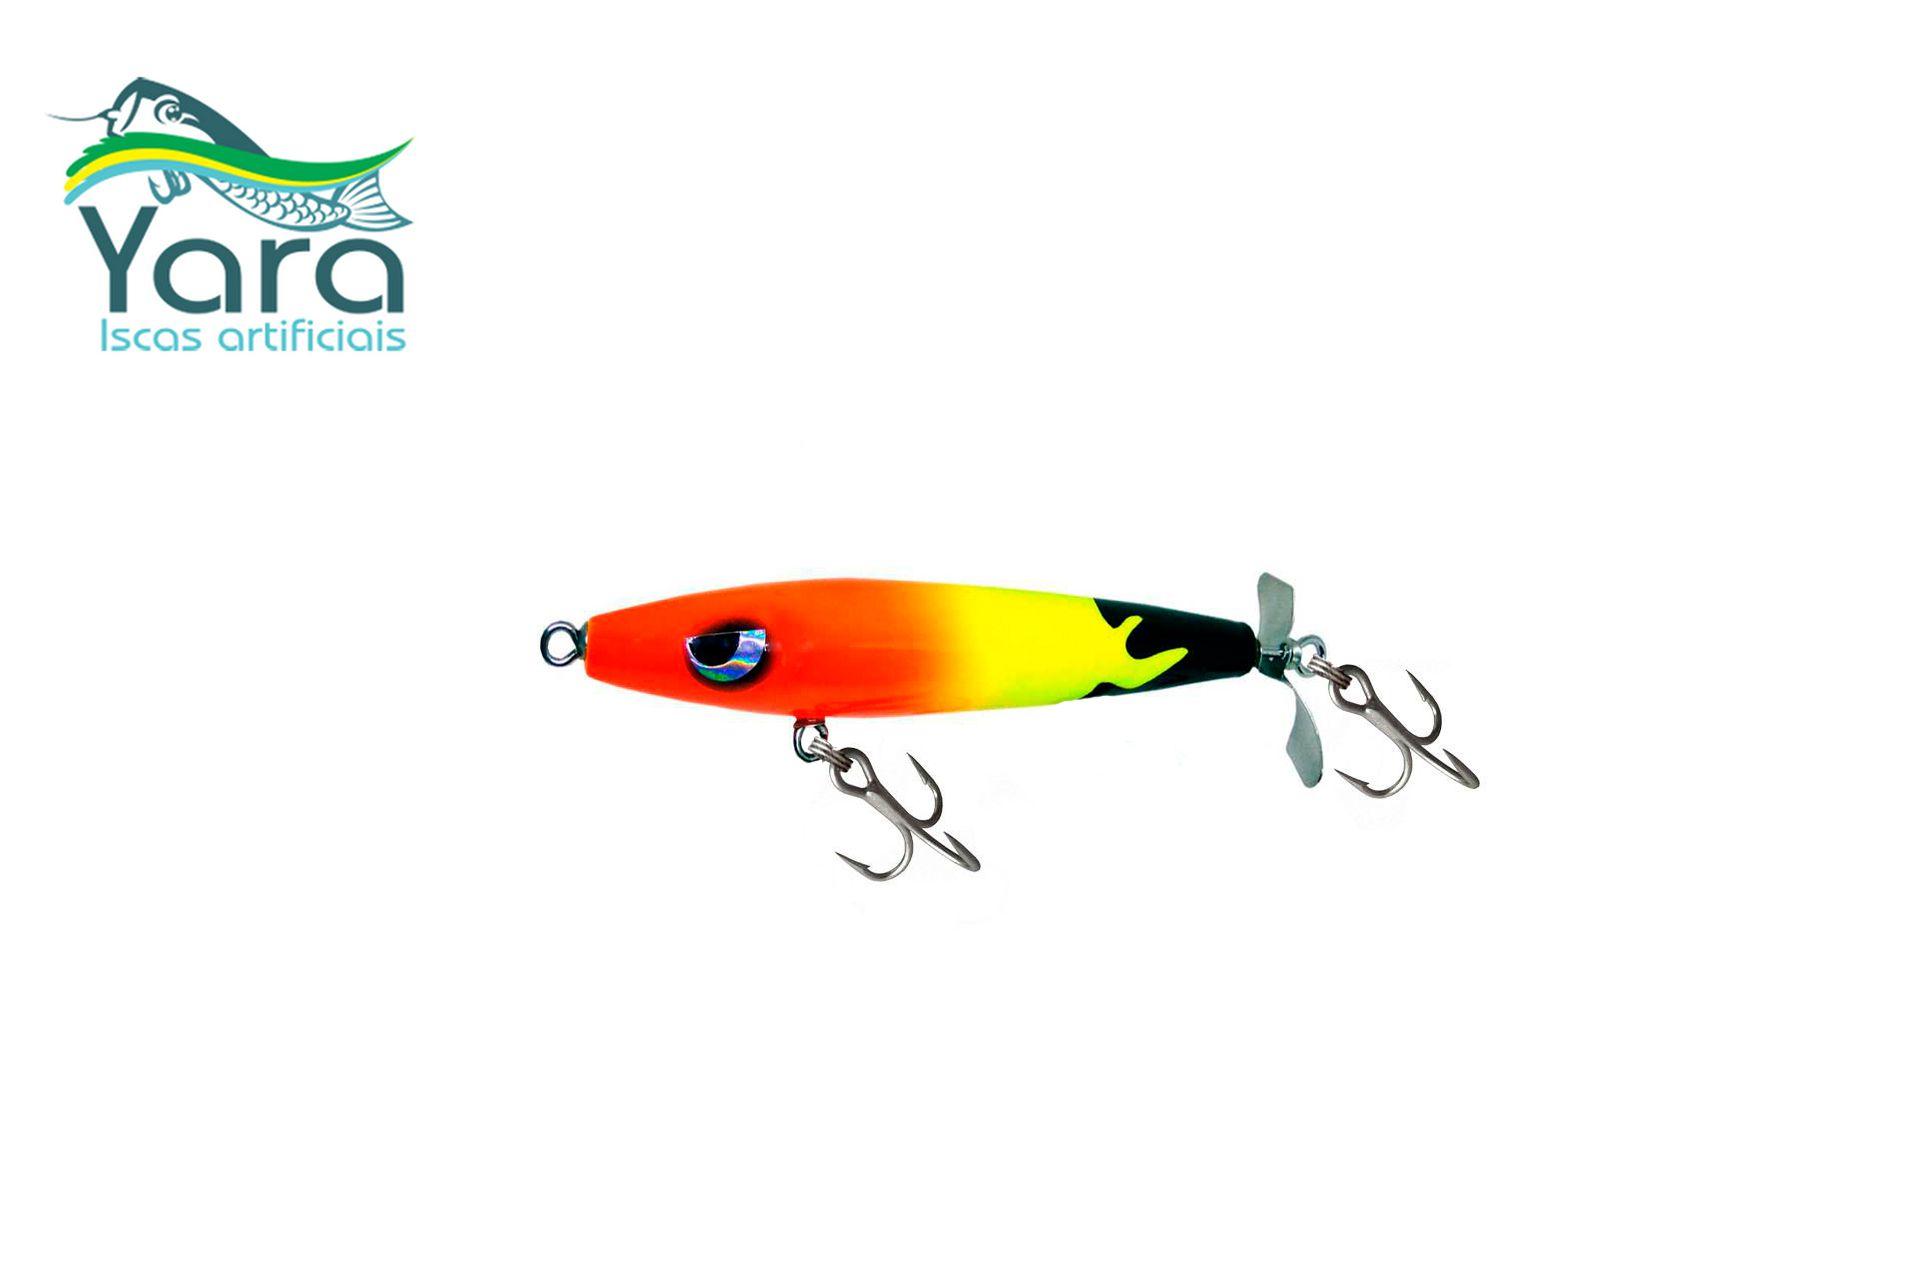 Isca Artificial Yara Devassa 9cm (17g) - Várias Cores  - Life Pesca - Sua loja de Pesca, Camping e Lazer